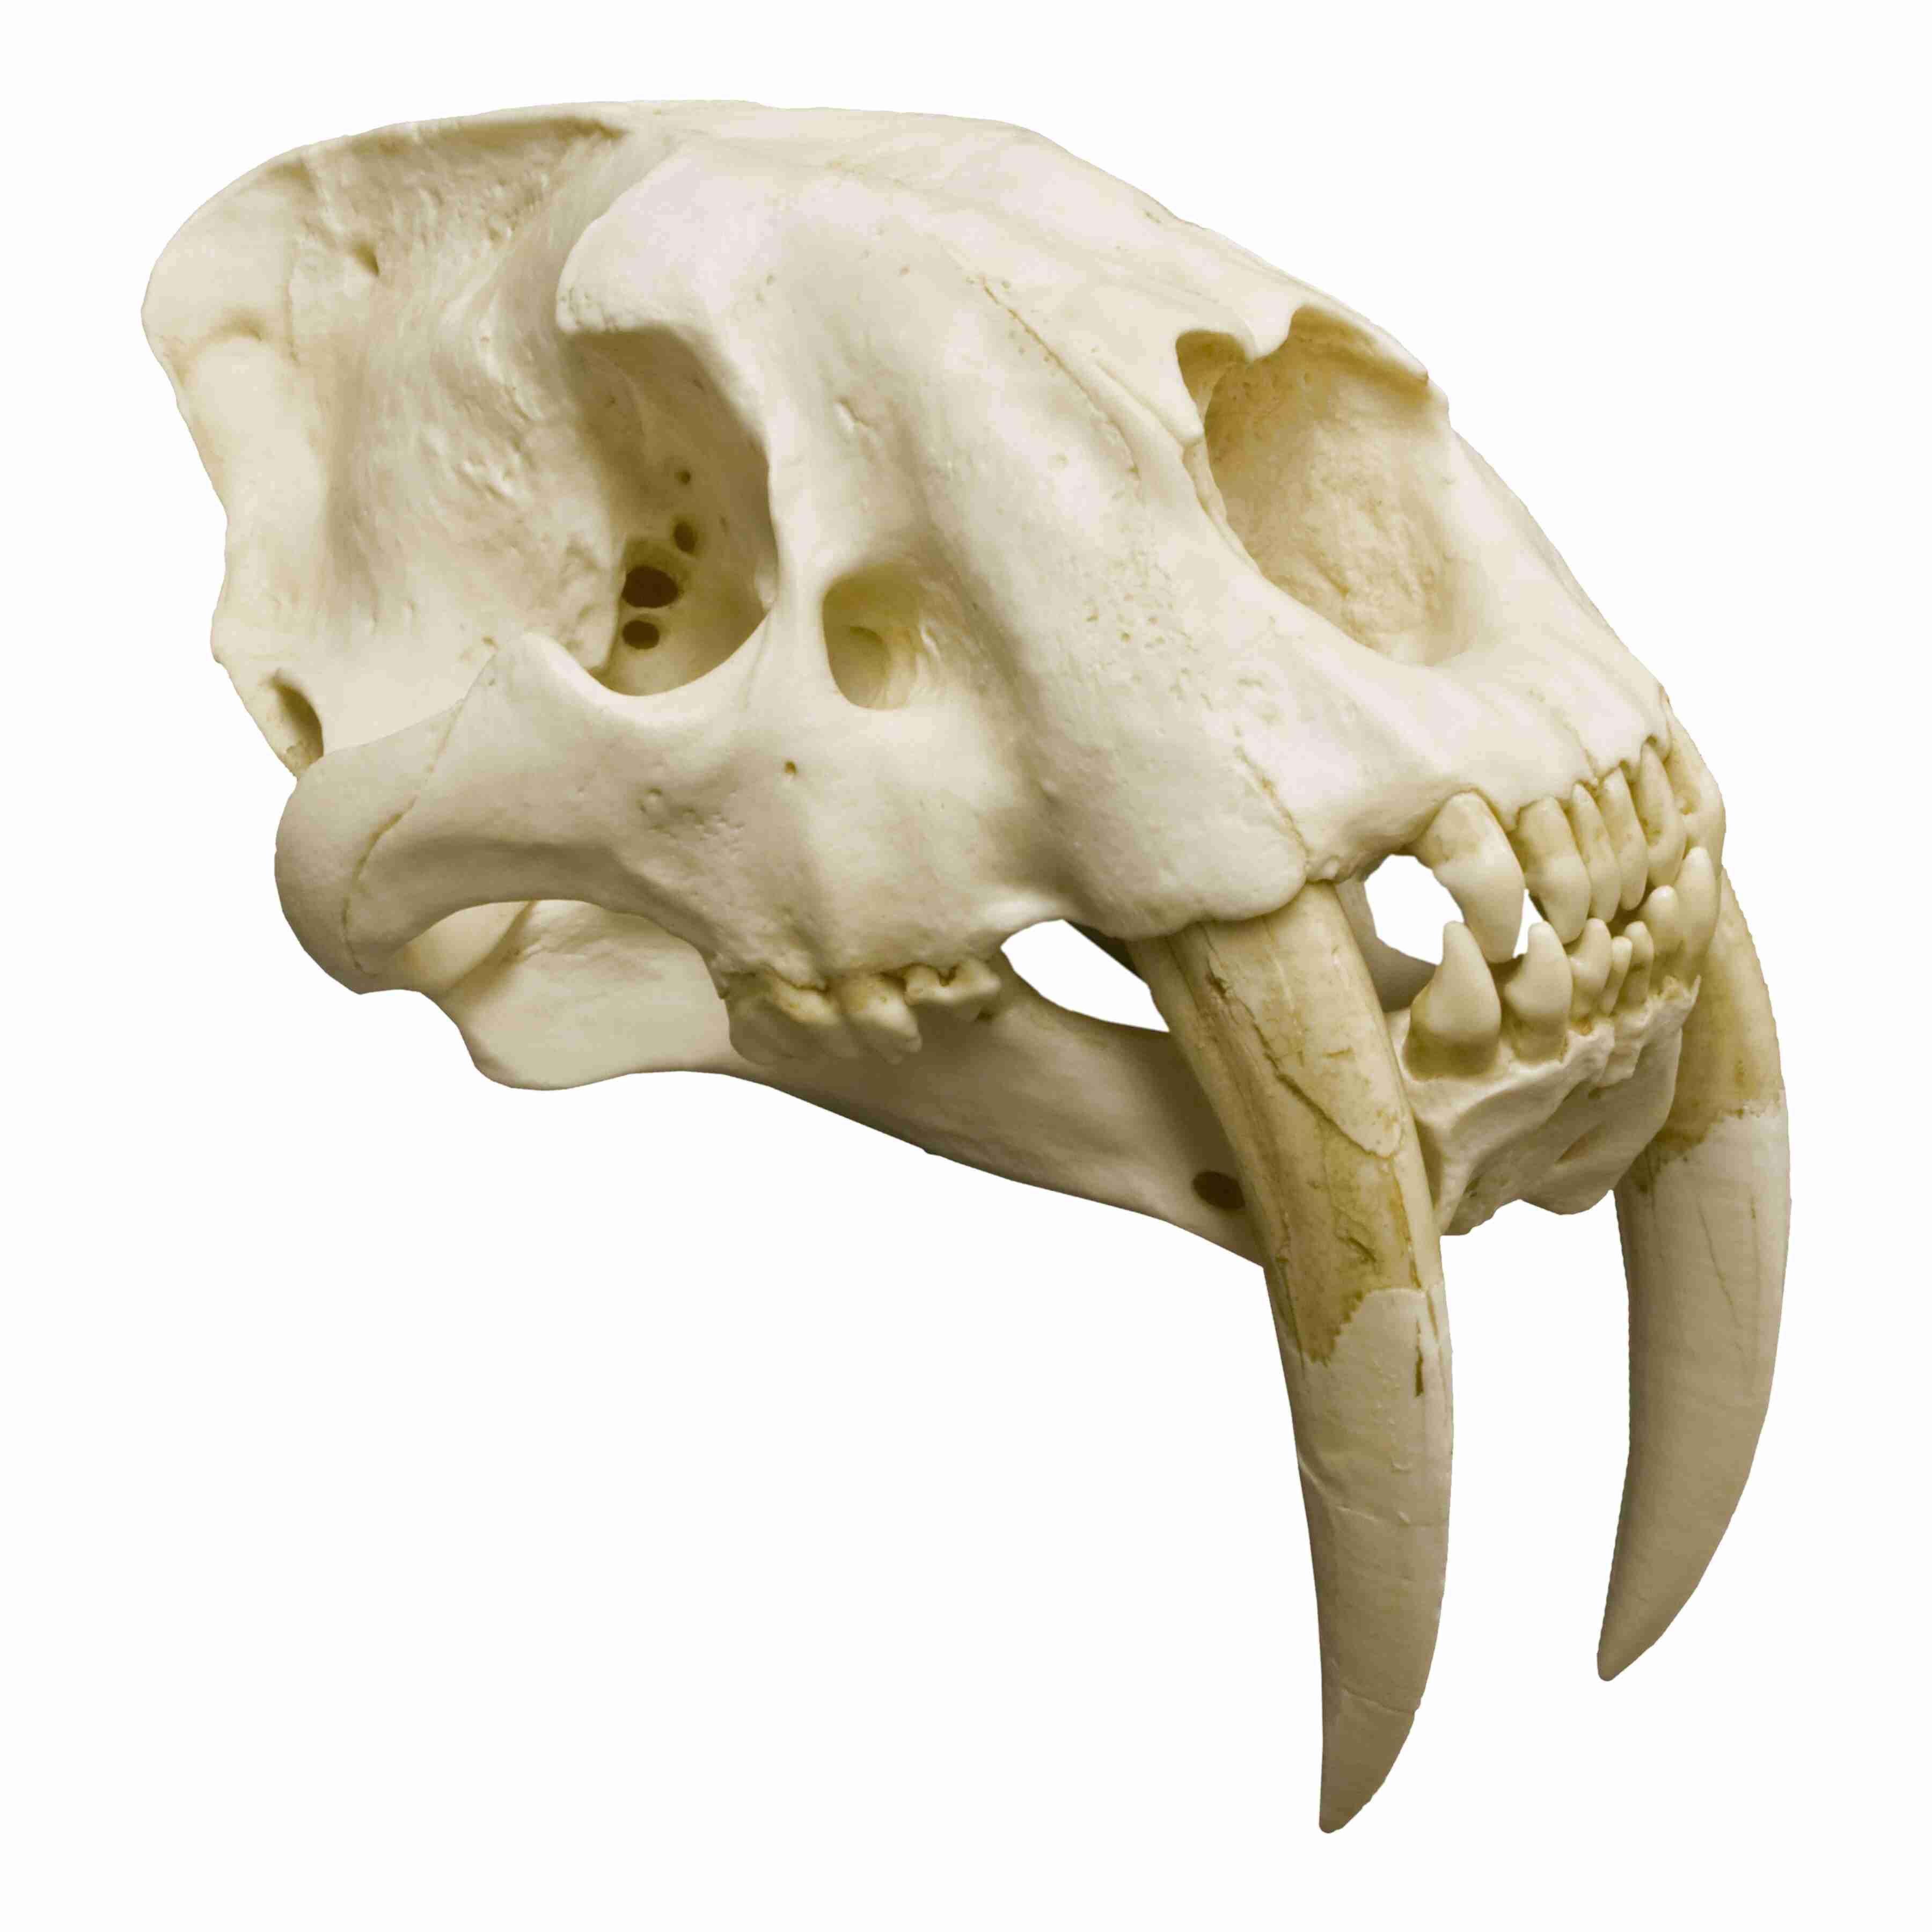 sabertooth skull for sale